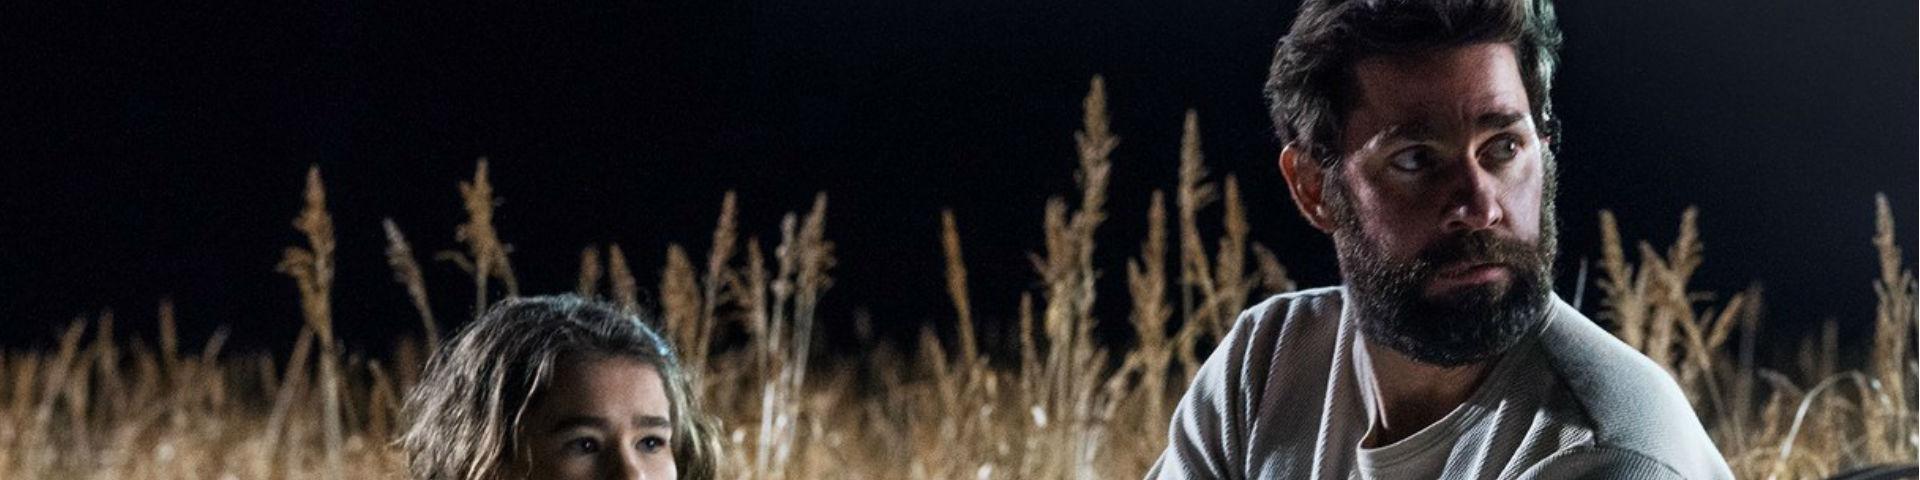 БК «1хСтавка»: «Тихое место» получит премию «Сатурн» как лучший фильм ужасов